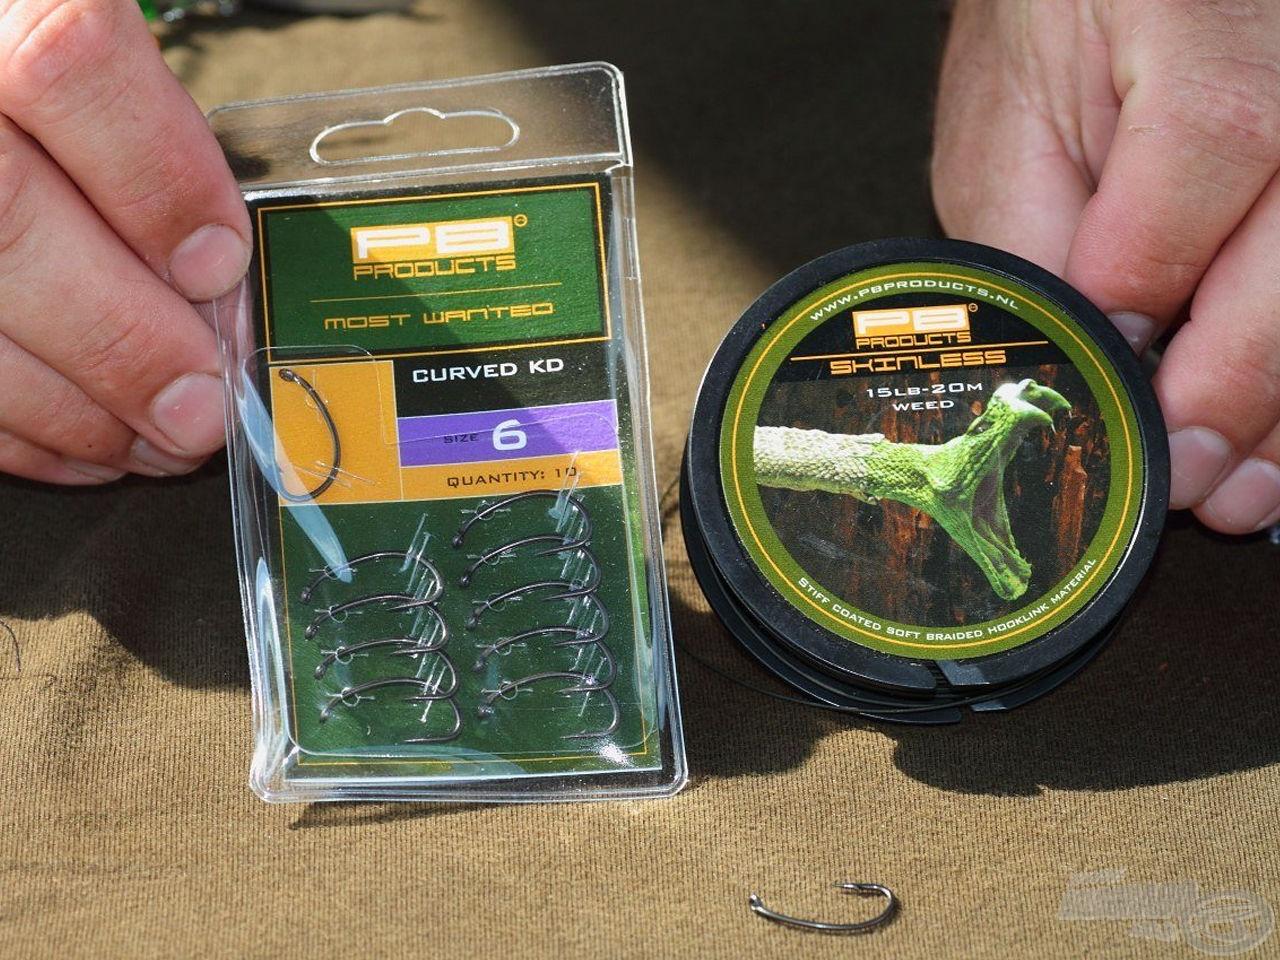 A Skinless zsinór és Curved KD horog kombinációjából készített előke ideális választás dobós horgászatokhoz